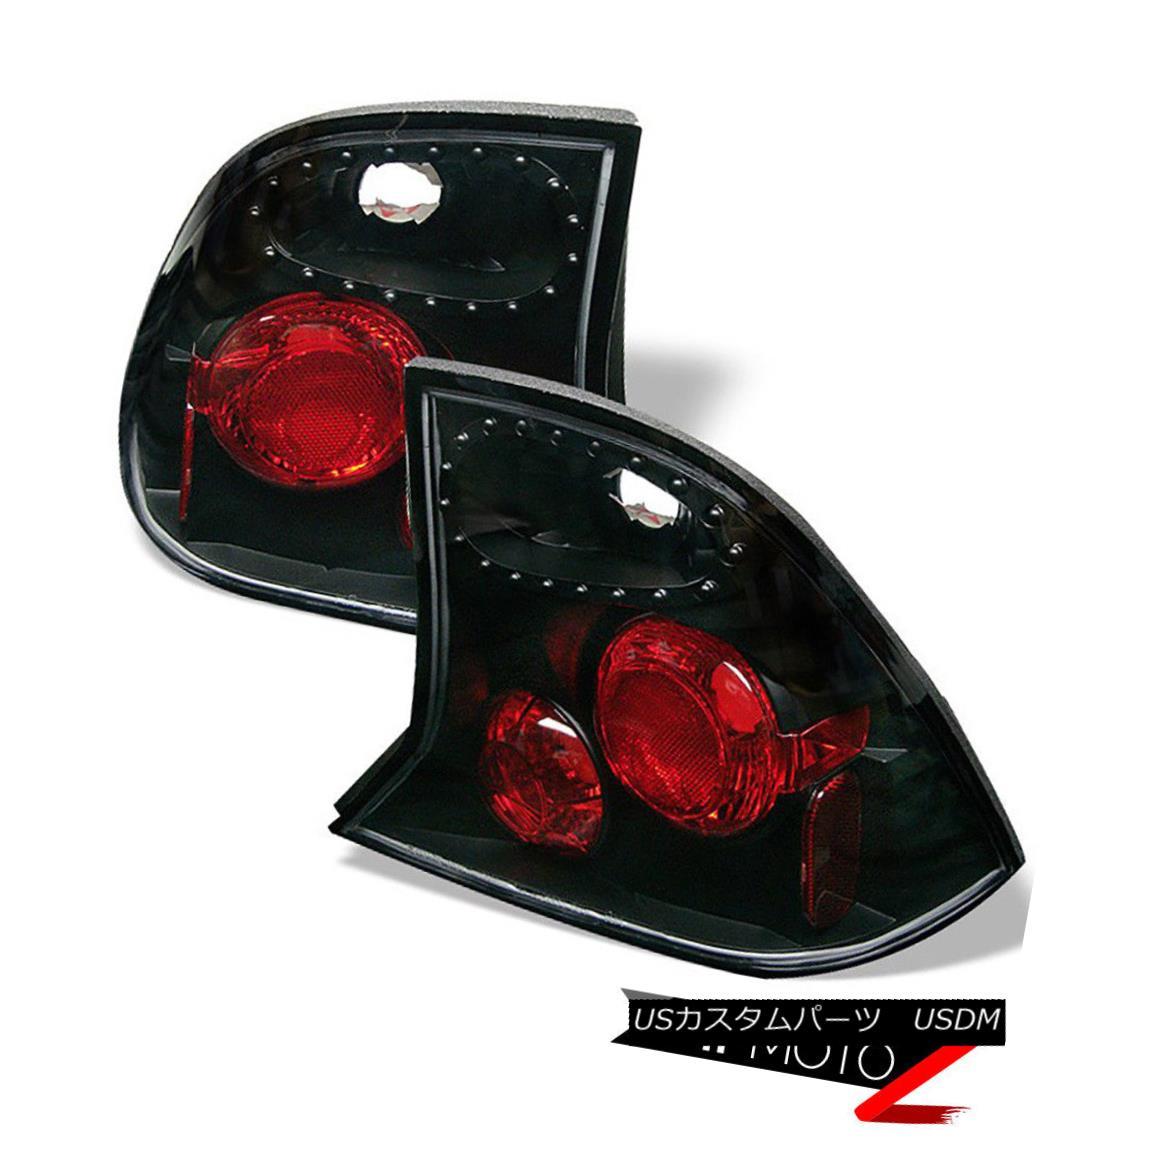 テールライト L@@K Ford Focus 2000-2004 4DR Black Tail Lights Rear Brake Lamp LH RH Pair L @@ Kフォードフォーカス2000-2004 4DRブラックテールライトリアブレーキランプLH RHペア